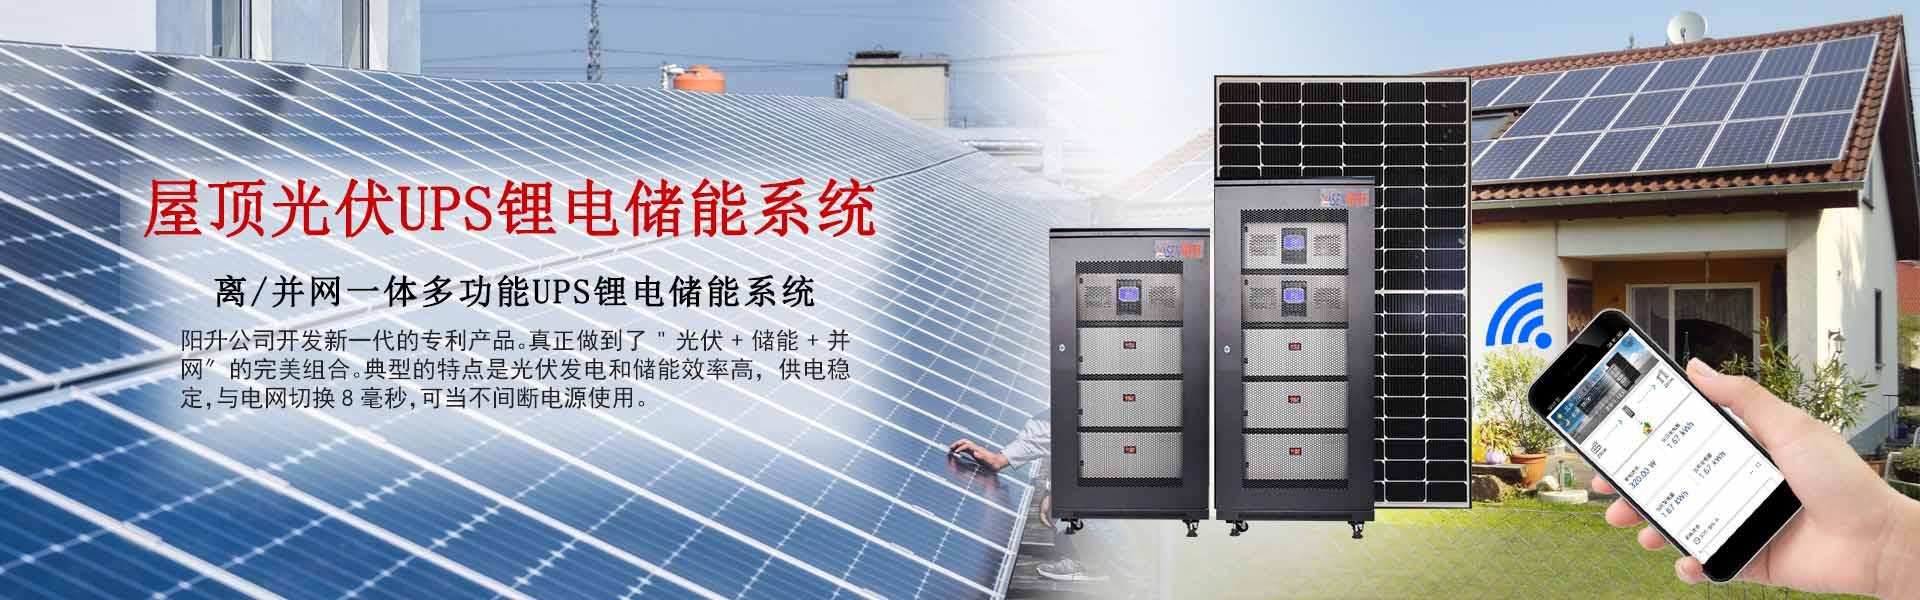 光伏UPS锂电池储能系统